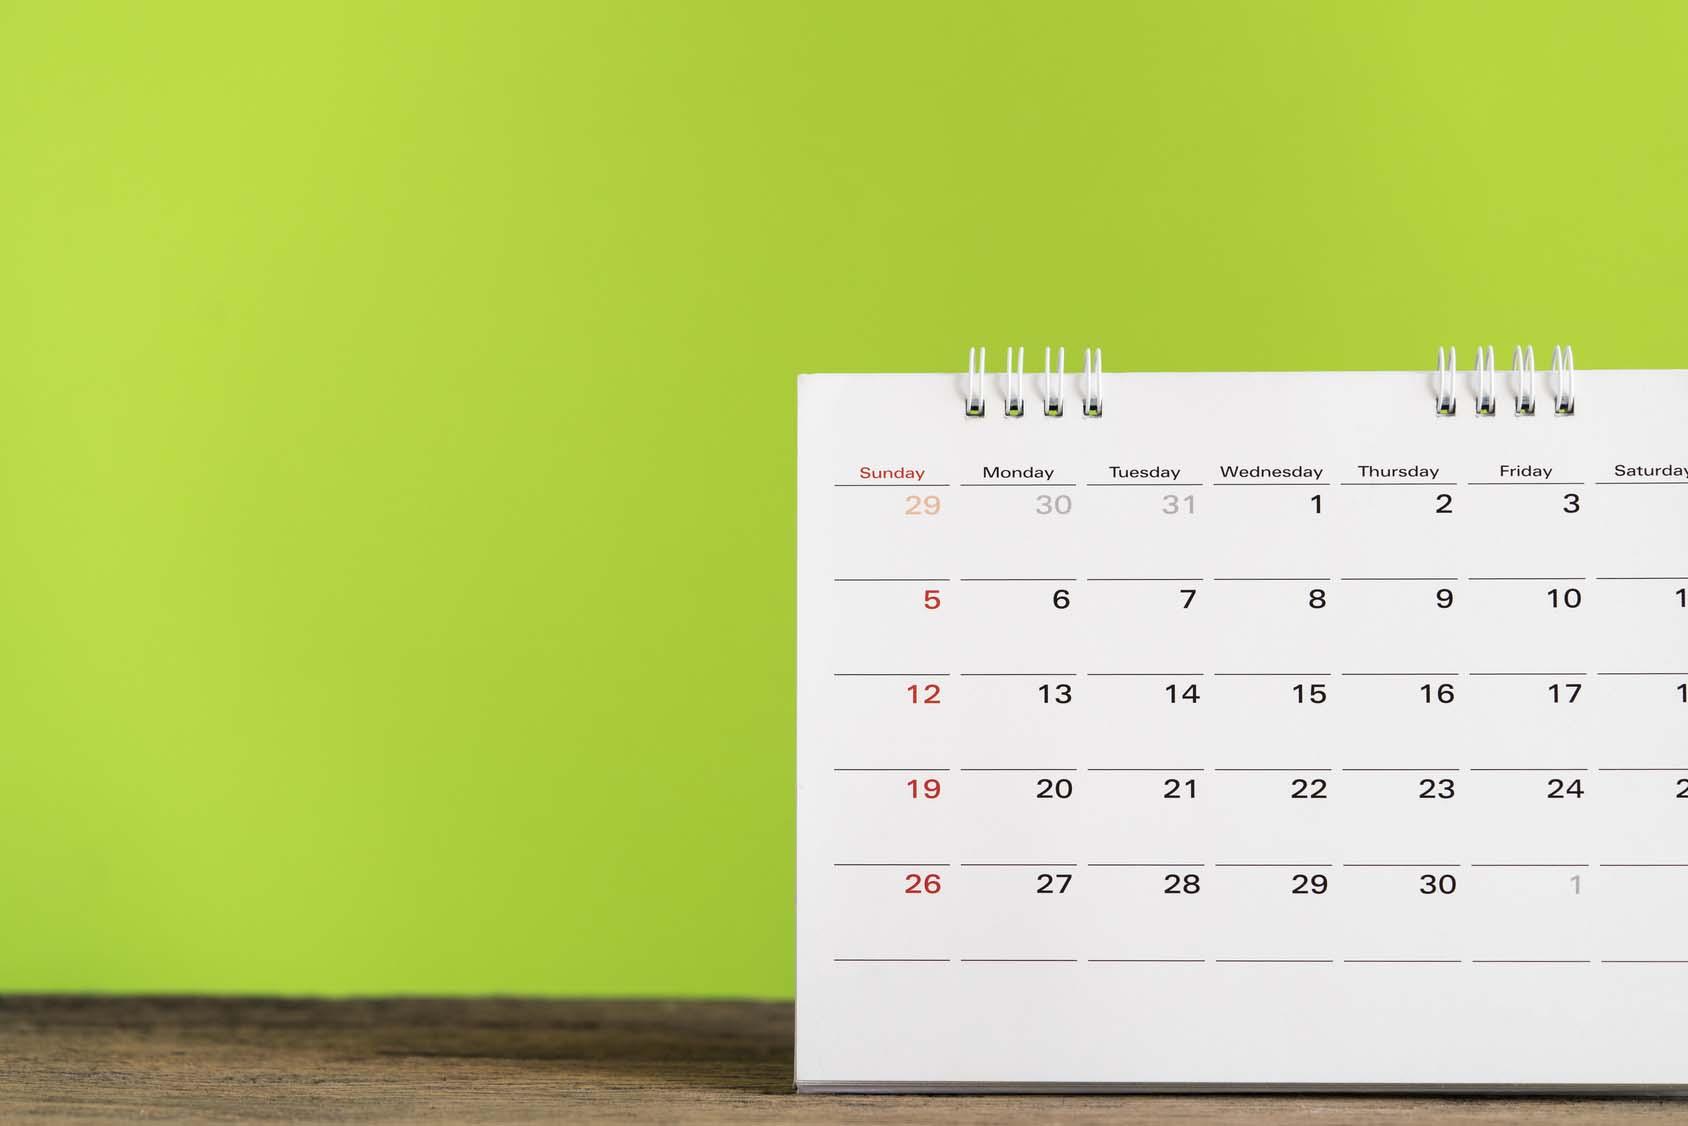 Stellen Sie Ihre Spendenbescheinigungen immer für das korrekte Datum aus